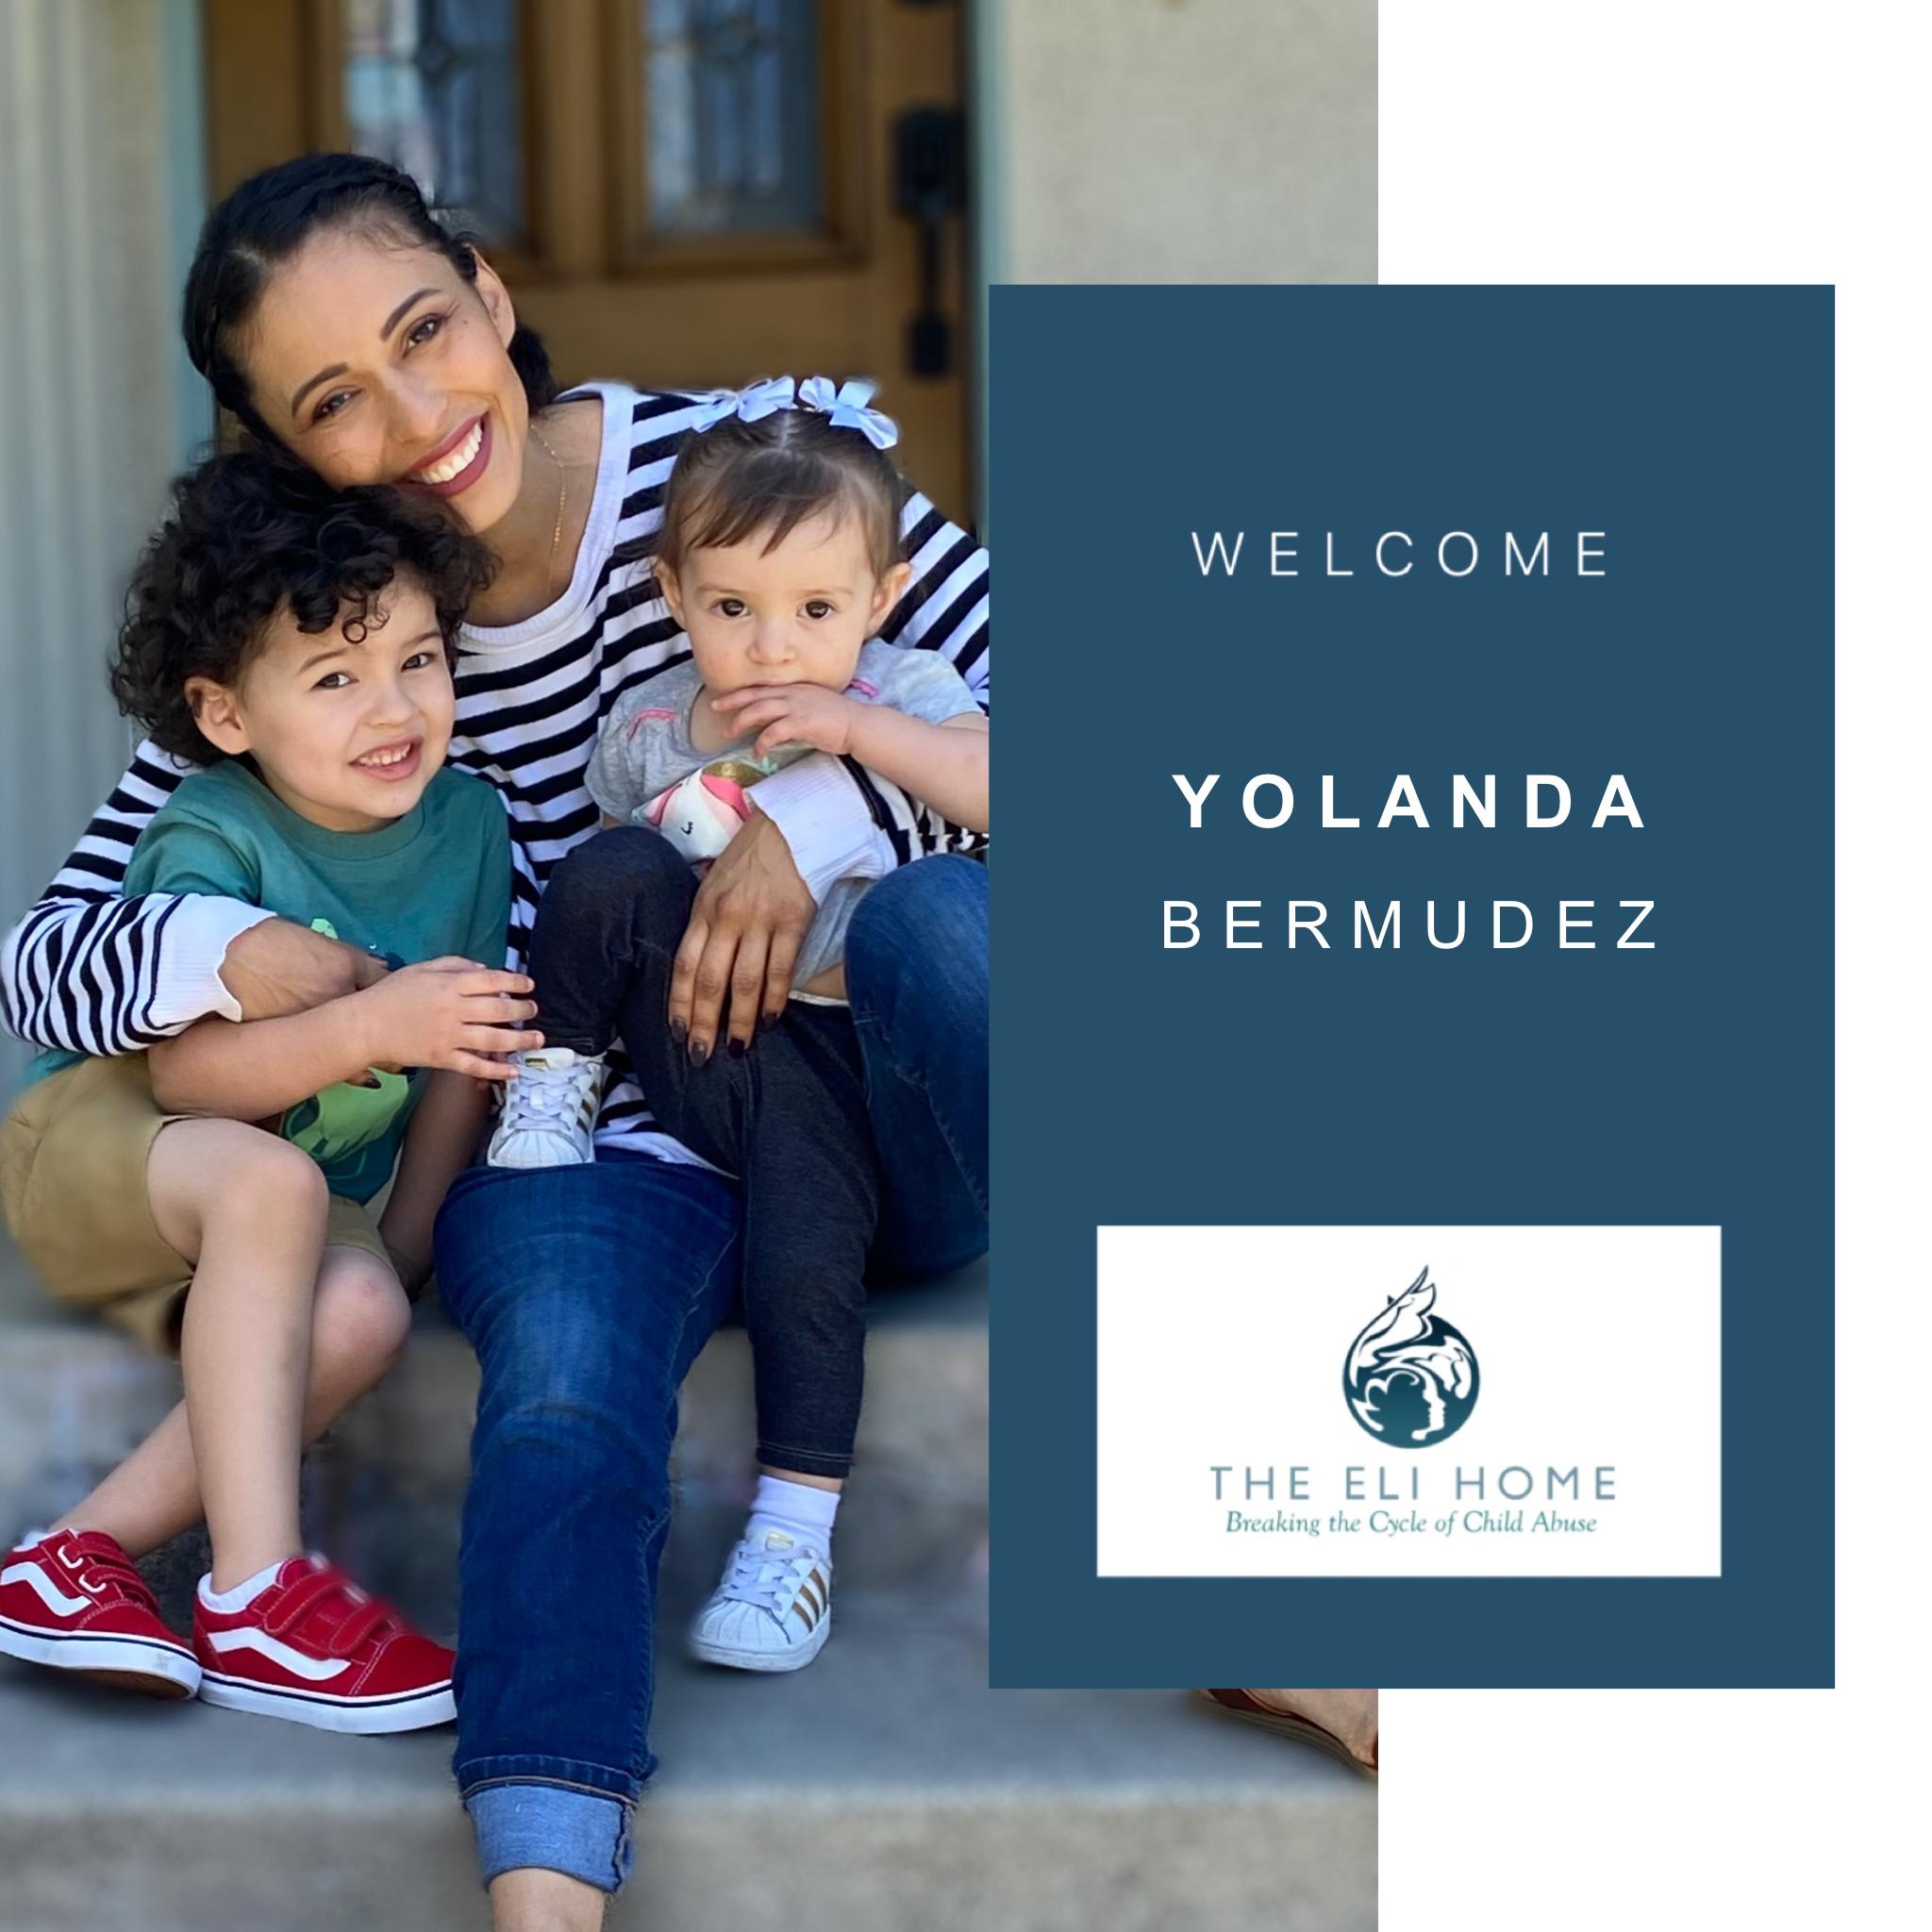 Yolanda Bermudez